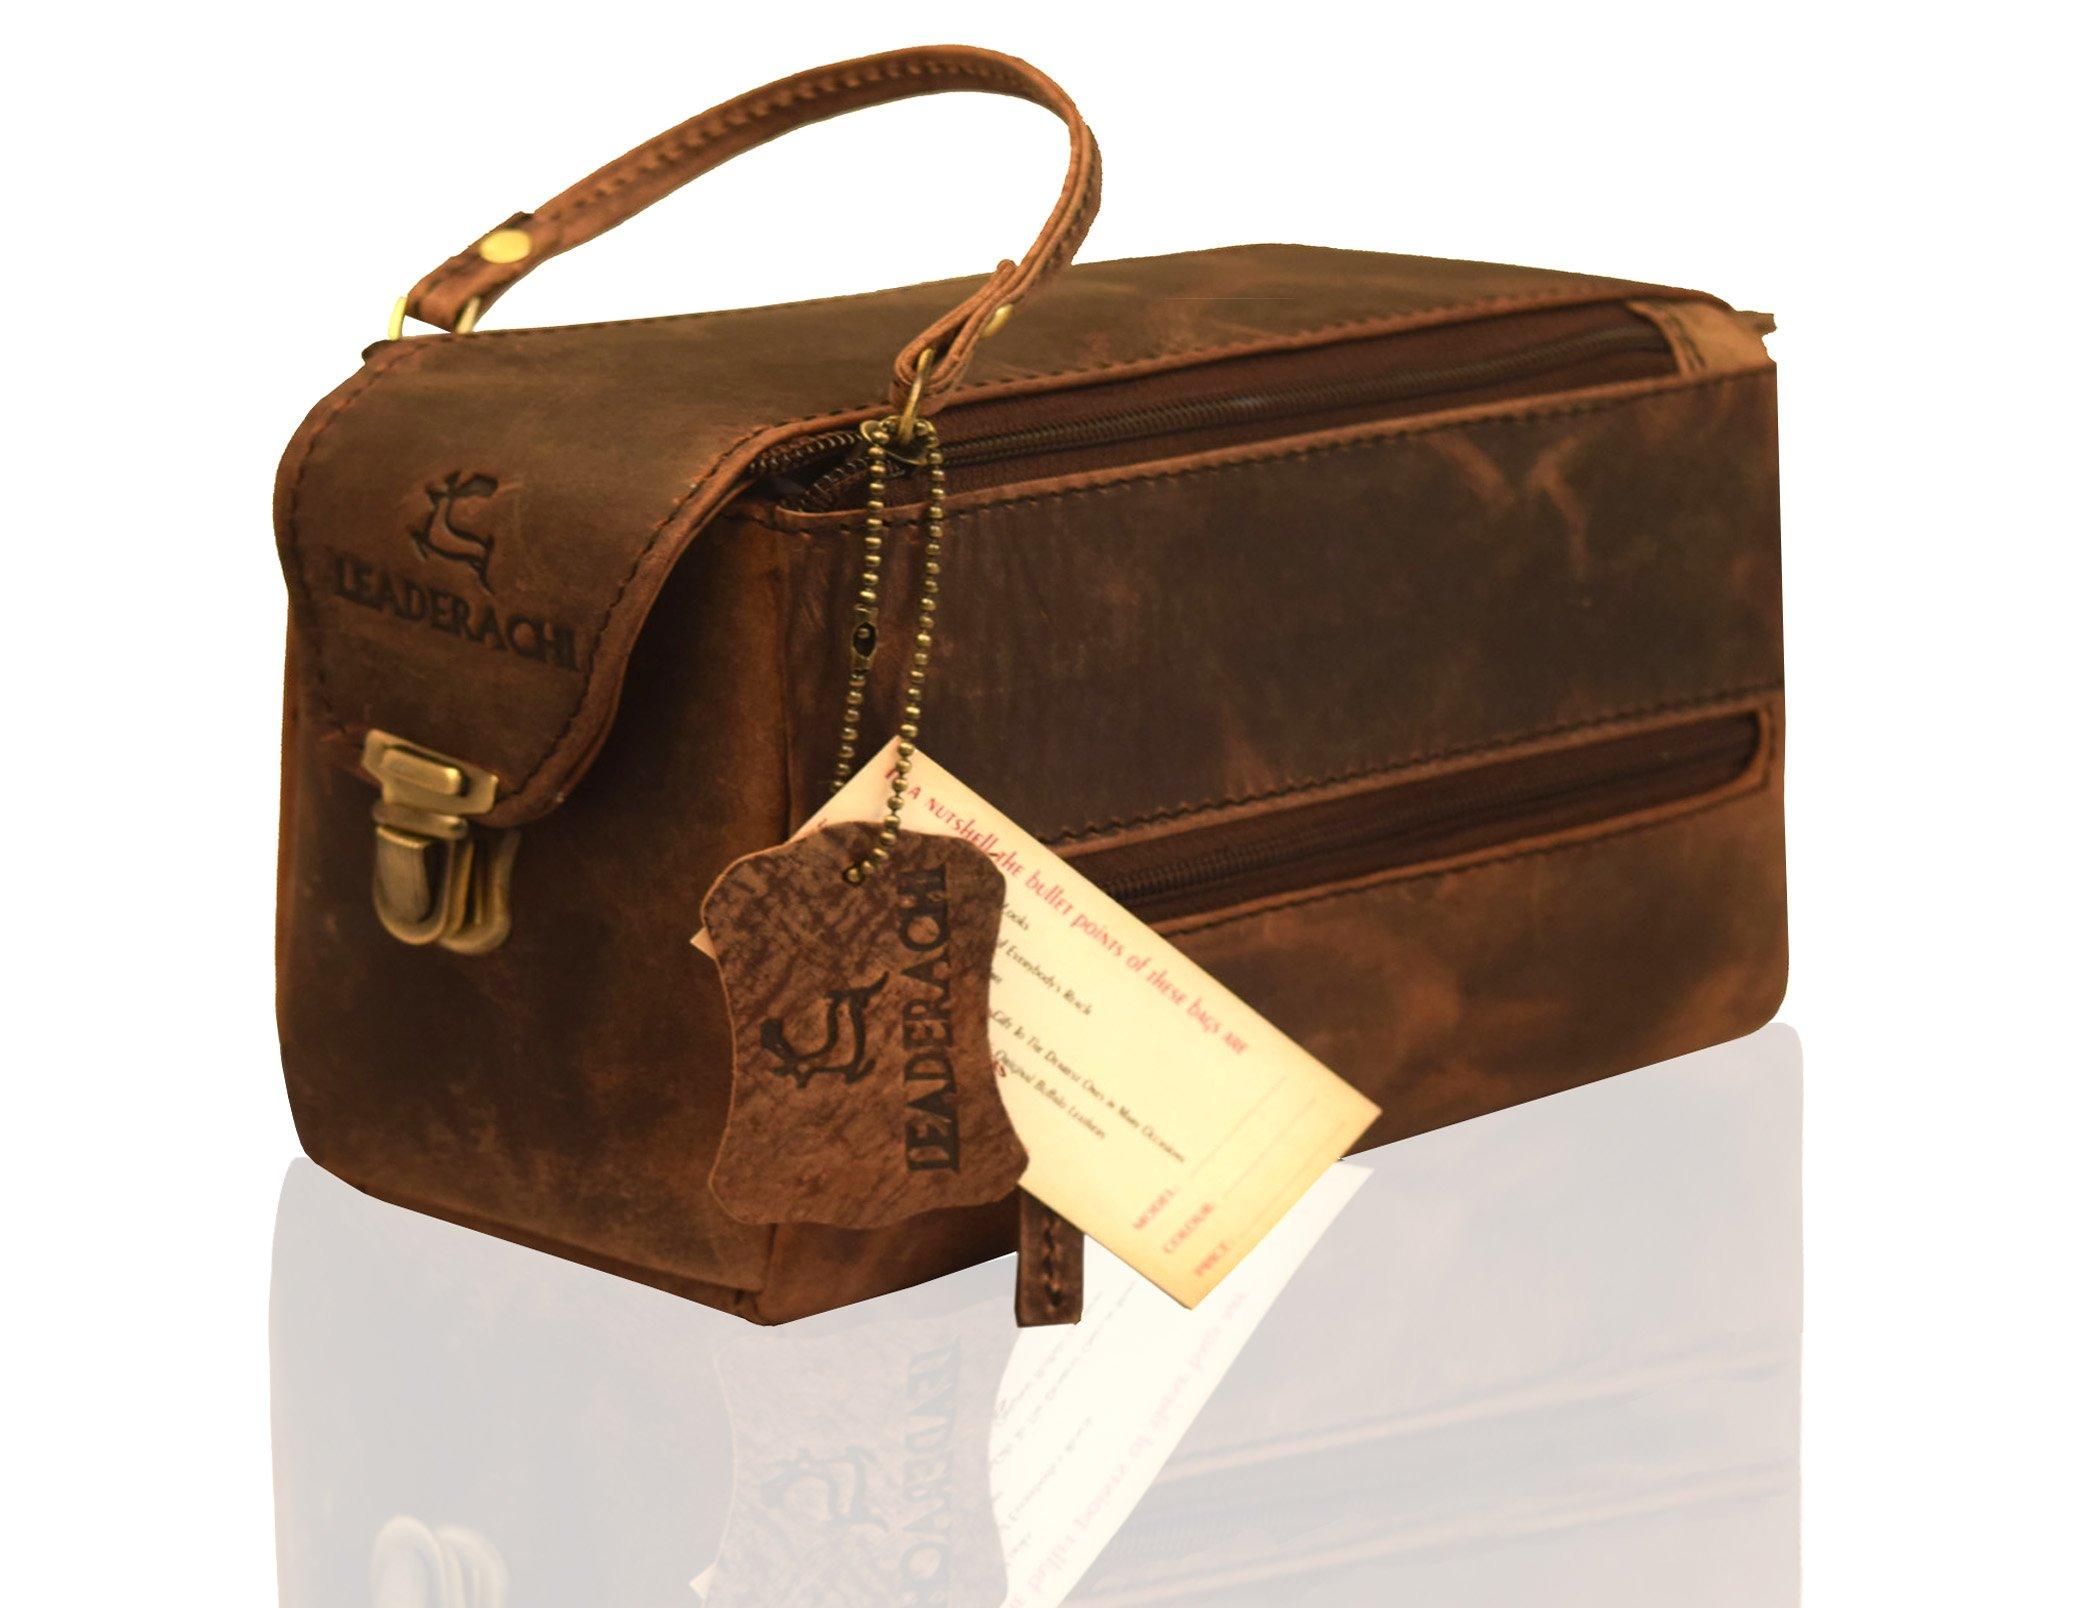 7e76899998 Leaderachi Men s Muskat Hunter Leather Messenger Bag - Brescia - Buy ...